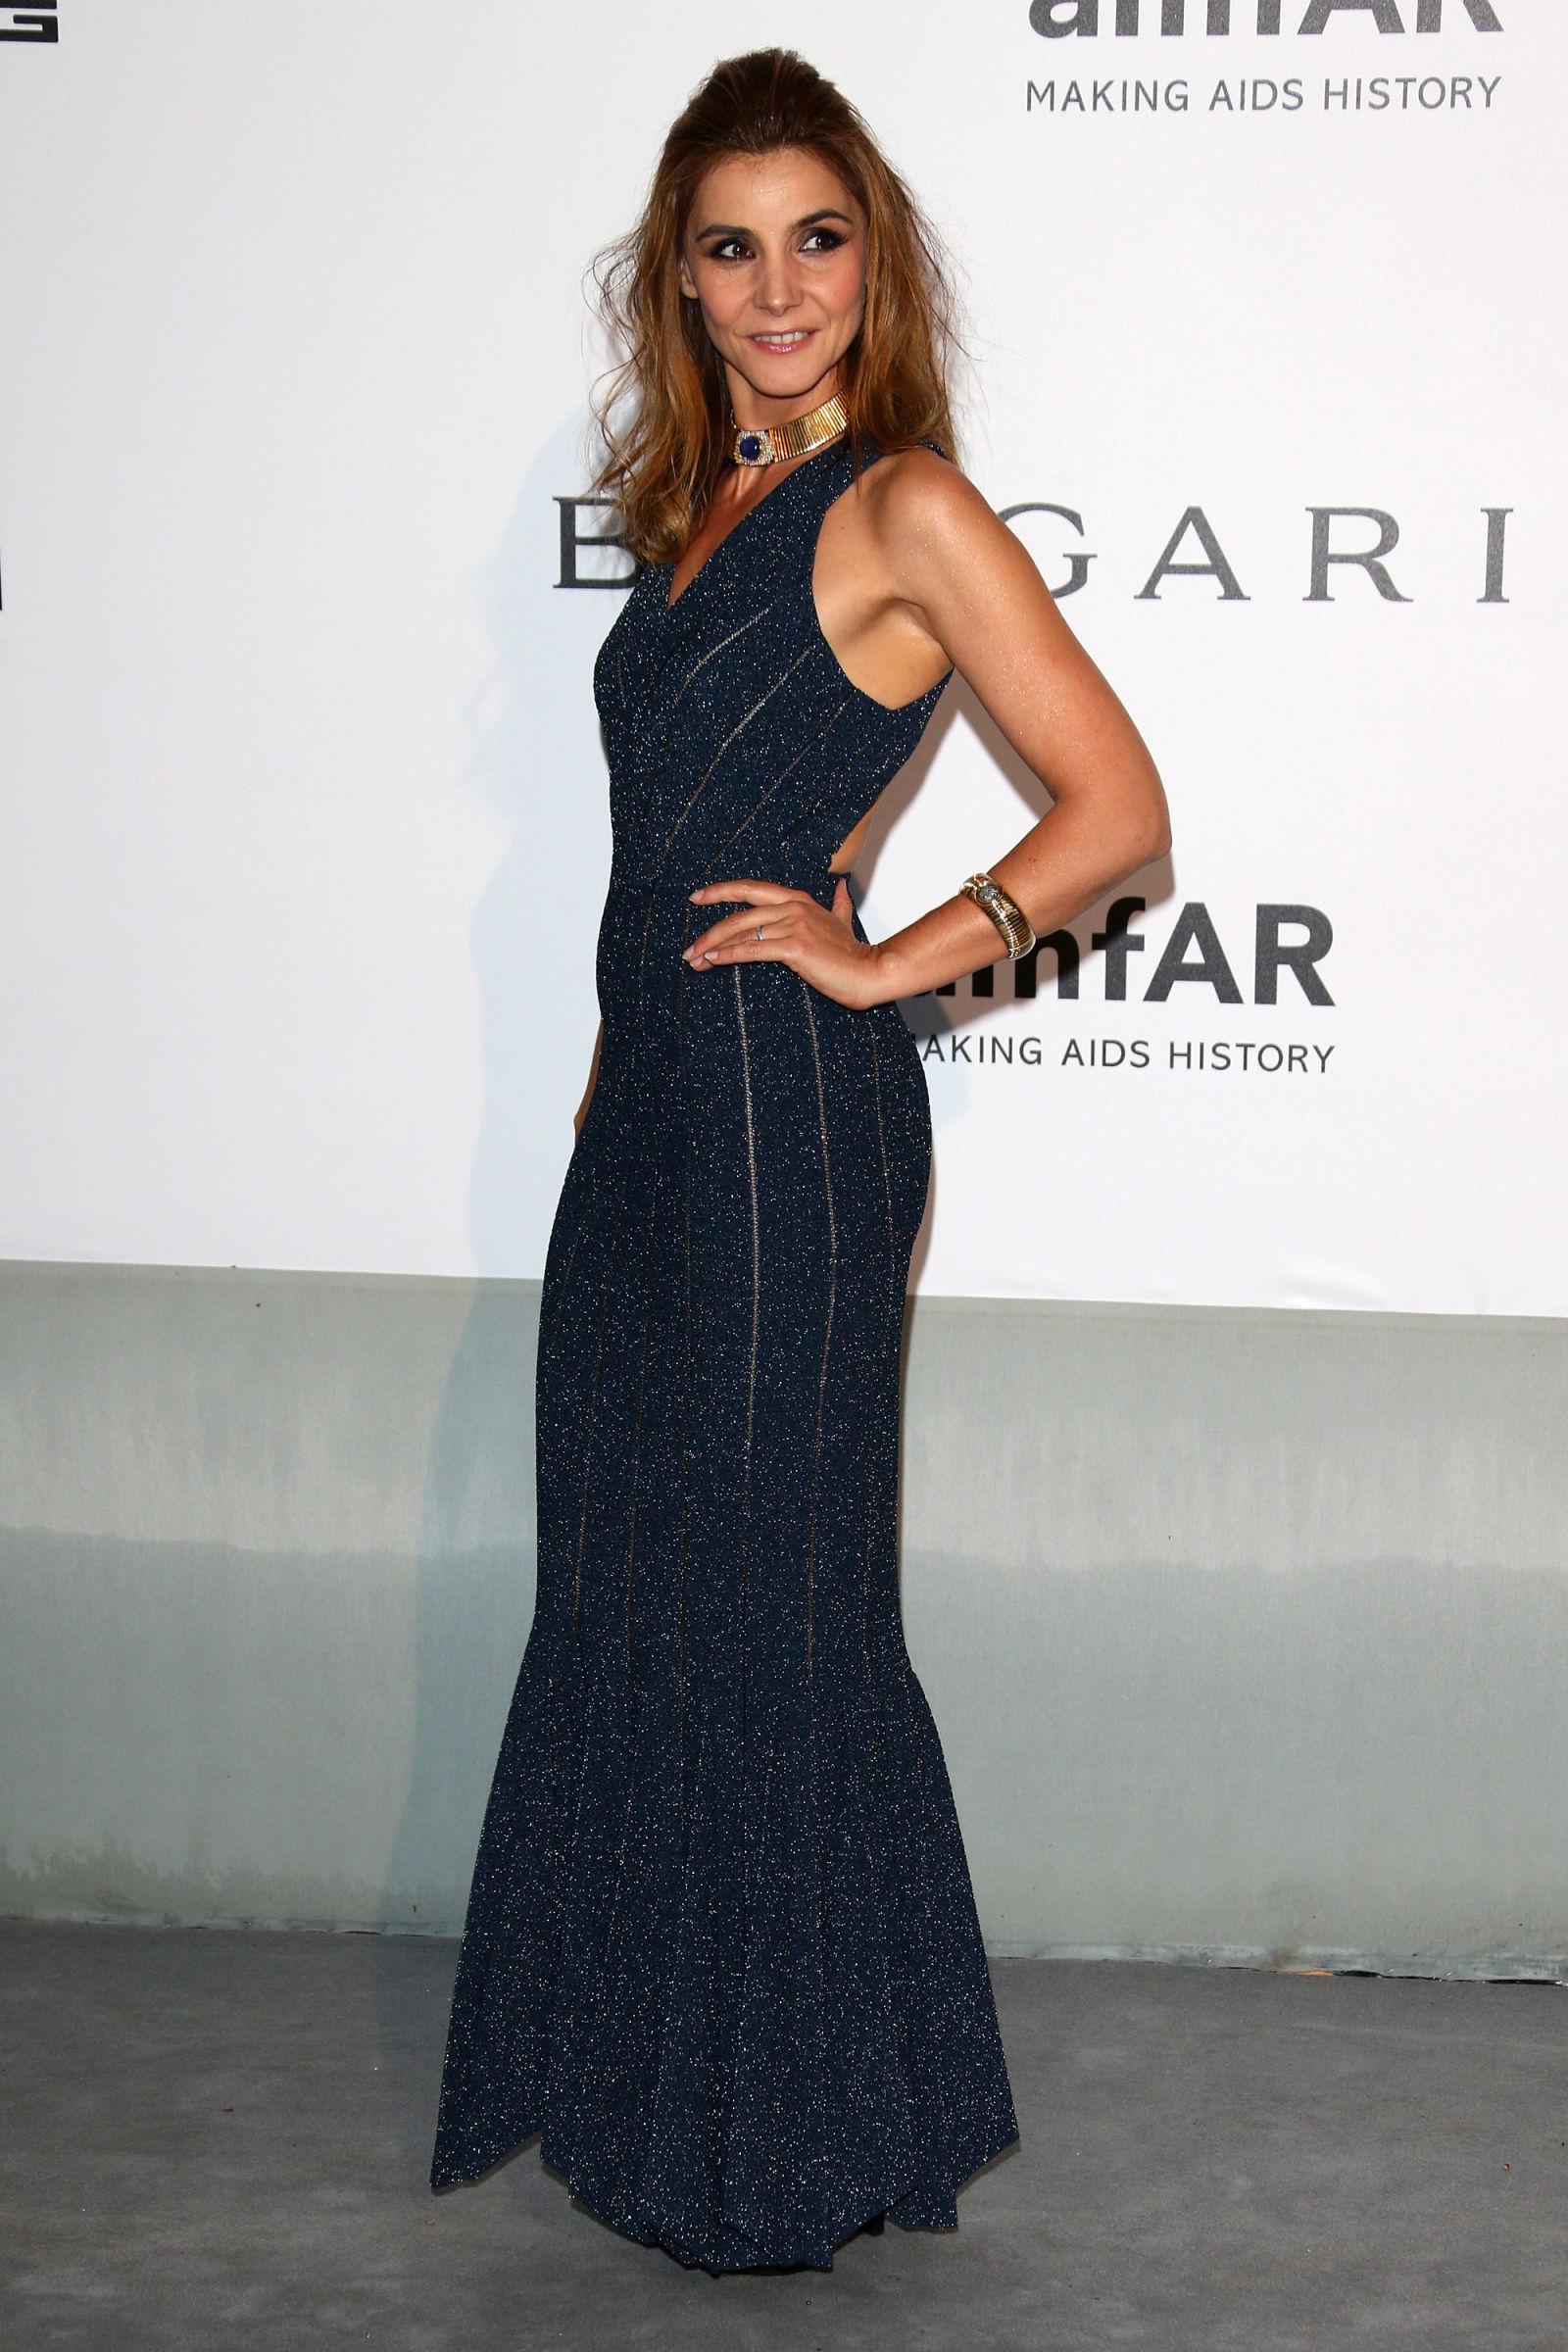 Cannes 2014 - Clotilde Courau